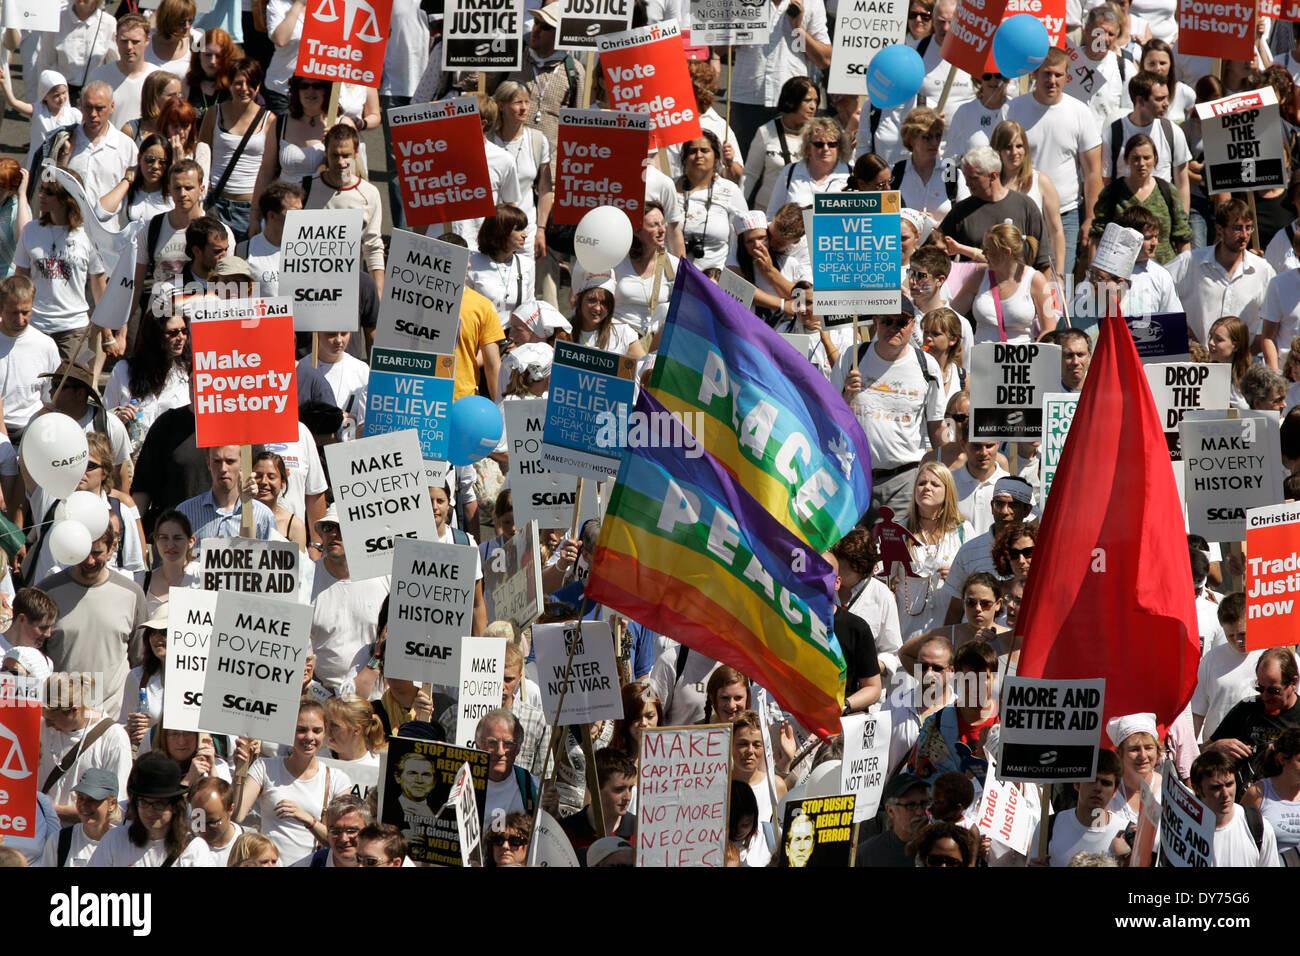 Fare la storia di povertà di protesta contro il vertice del G8 di Edimburgo. Immagini Stock